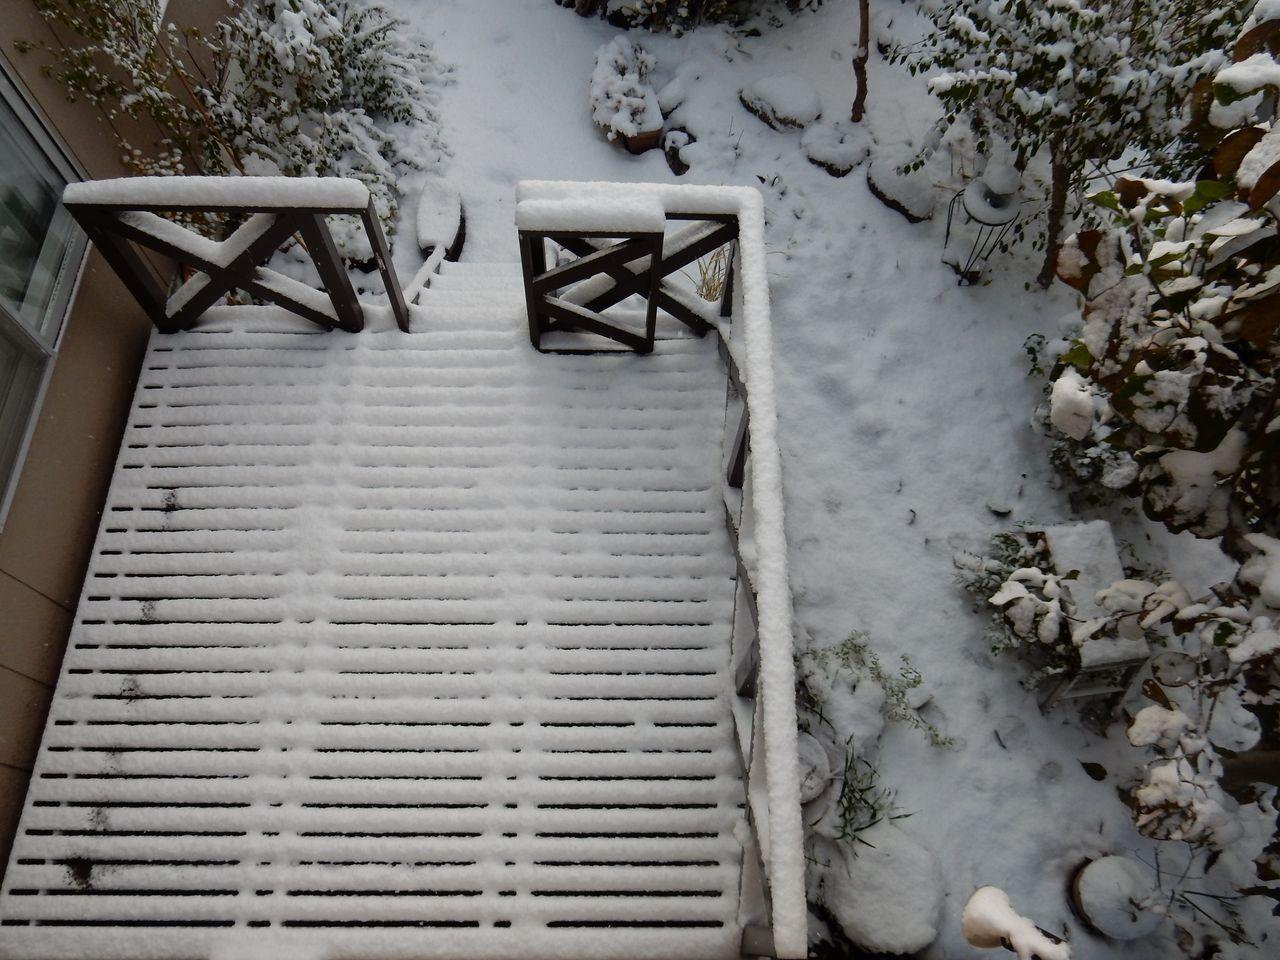 いきなり真冬に(+ ルイス・キャロルの「スナーク狩り」)_c0025115_21395533.jpg